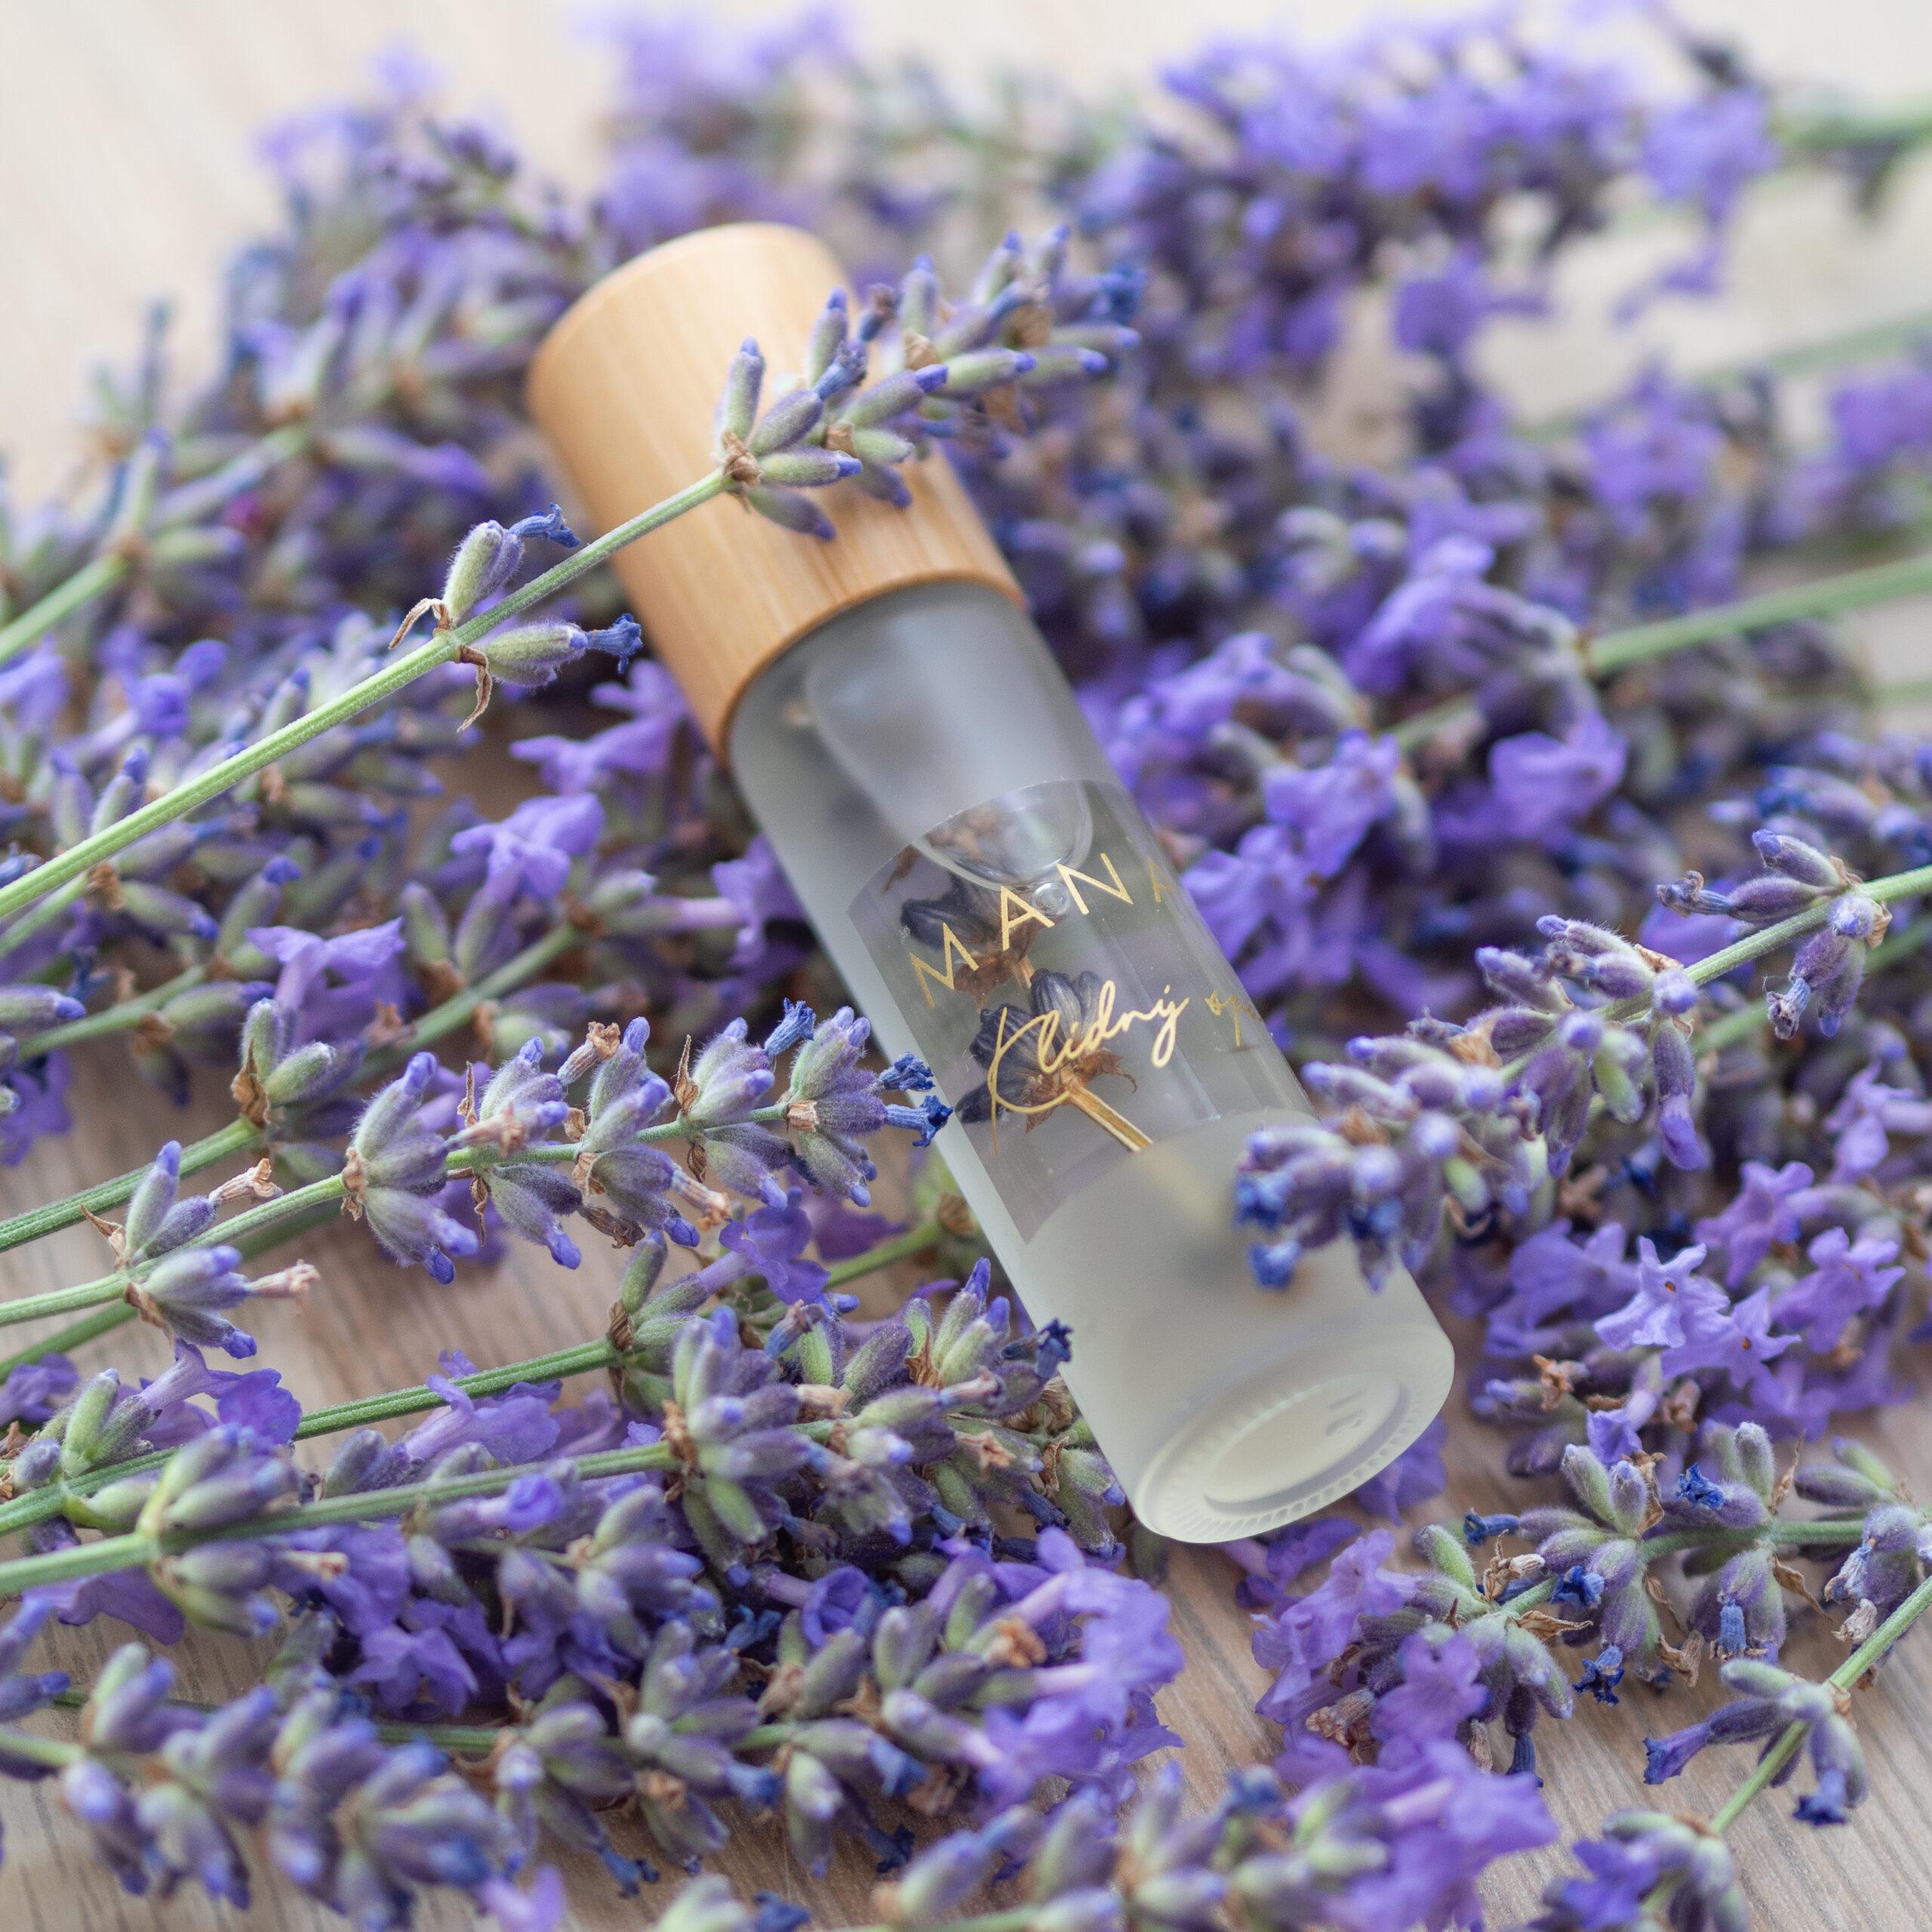 MANAMI Klidný spánek parfém